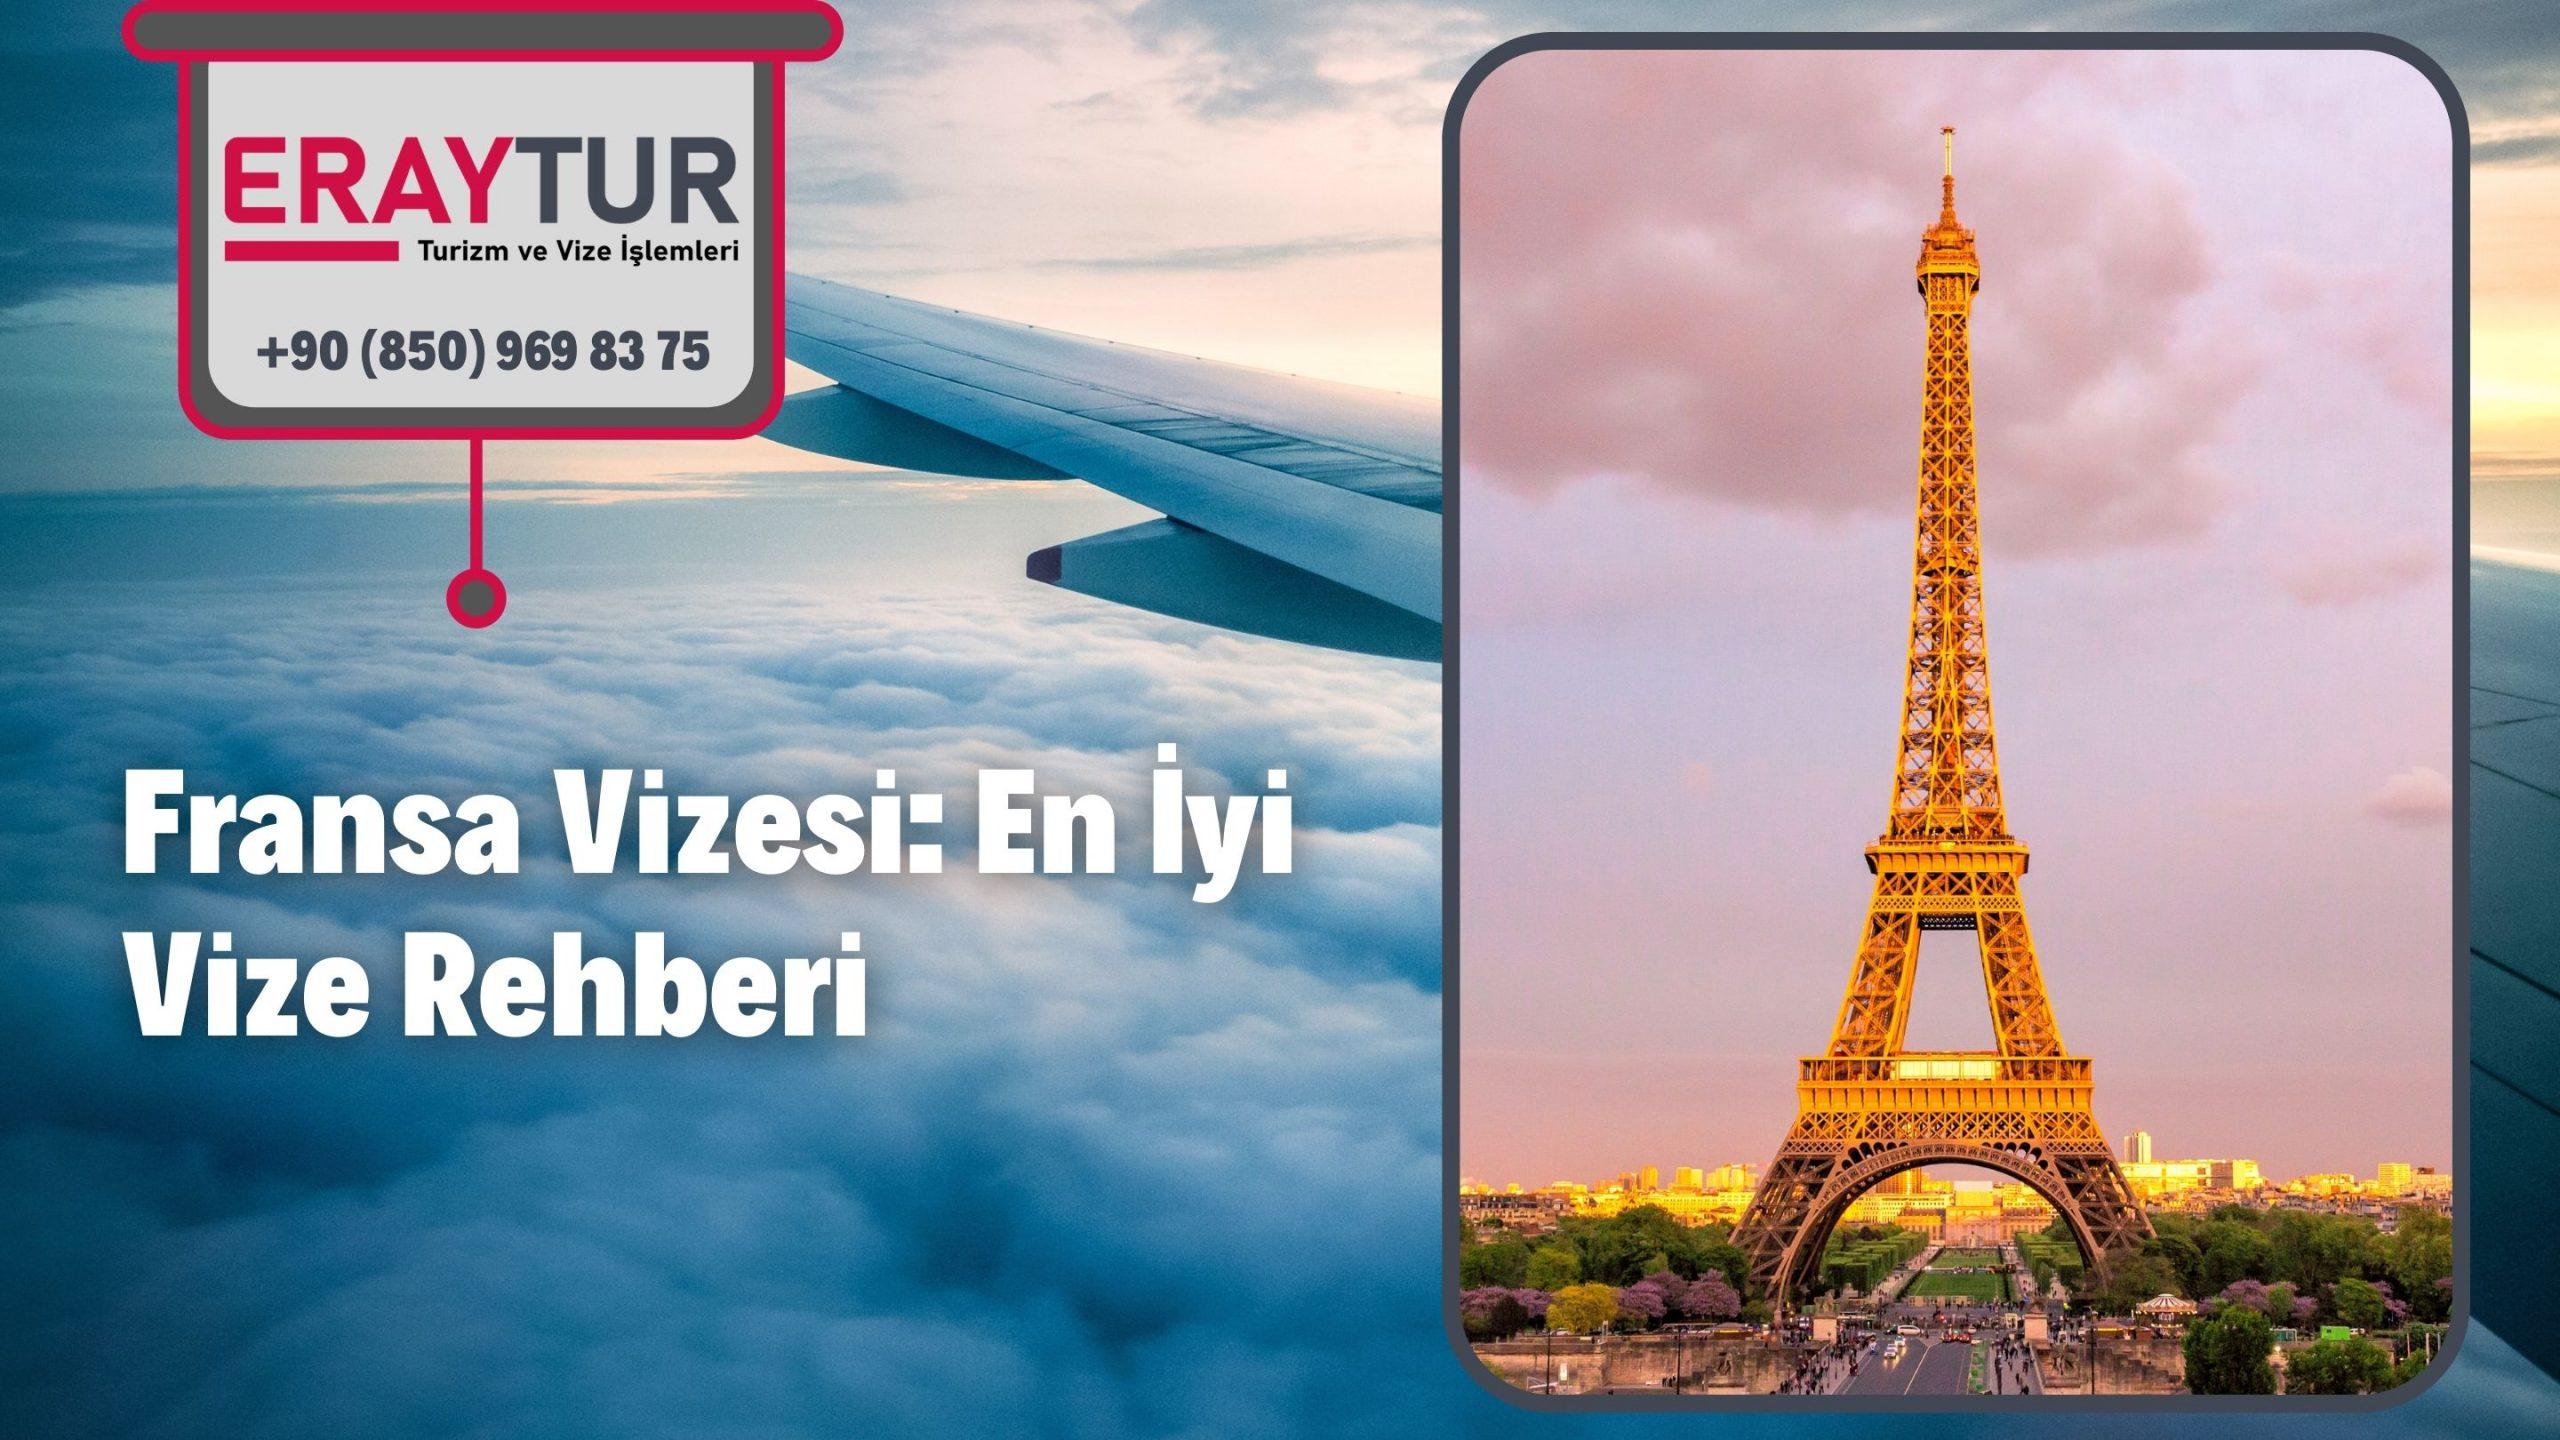 Fransa Vizesi: En İyi Vize Rehberi 2021 1 – fransa vizesi en iyi vize rehberi 2021 1 scaled